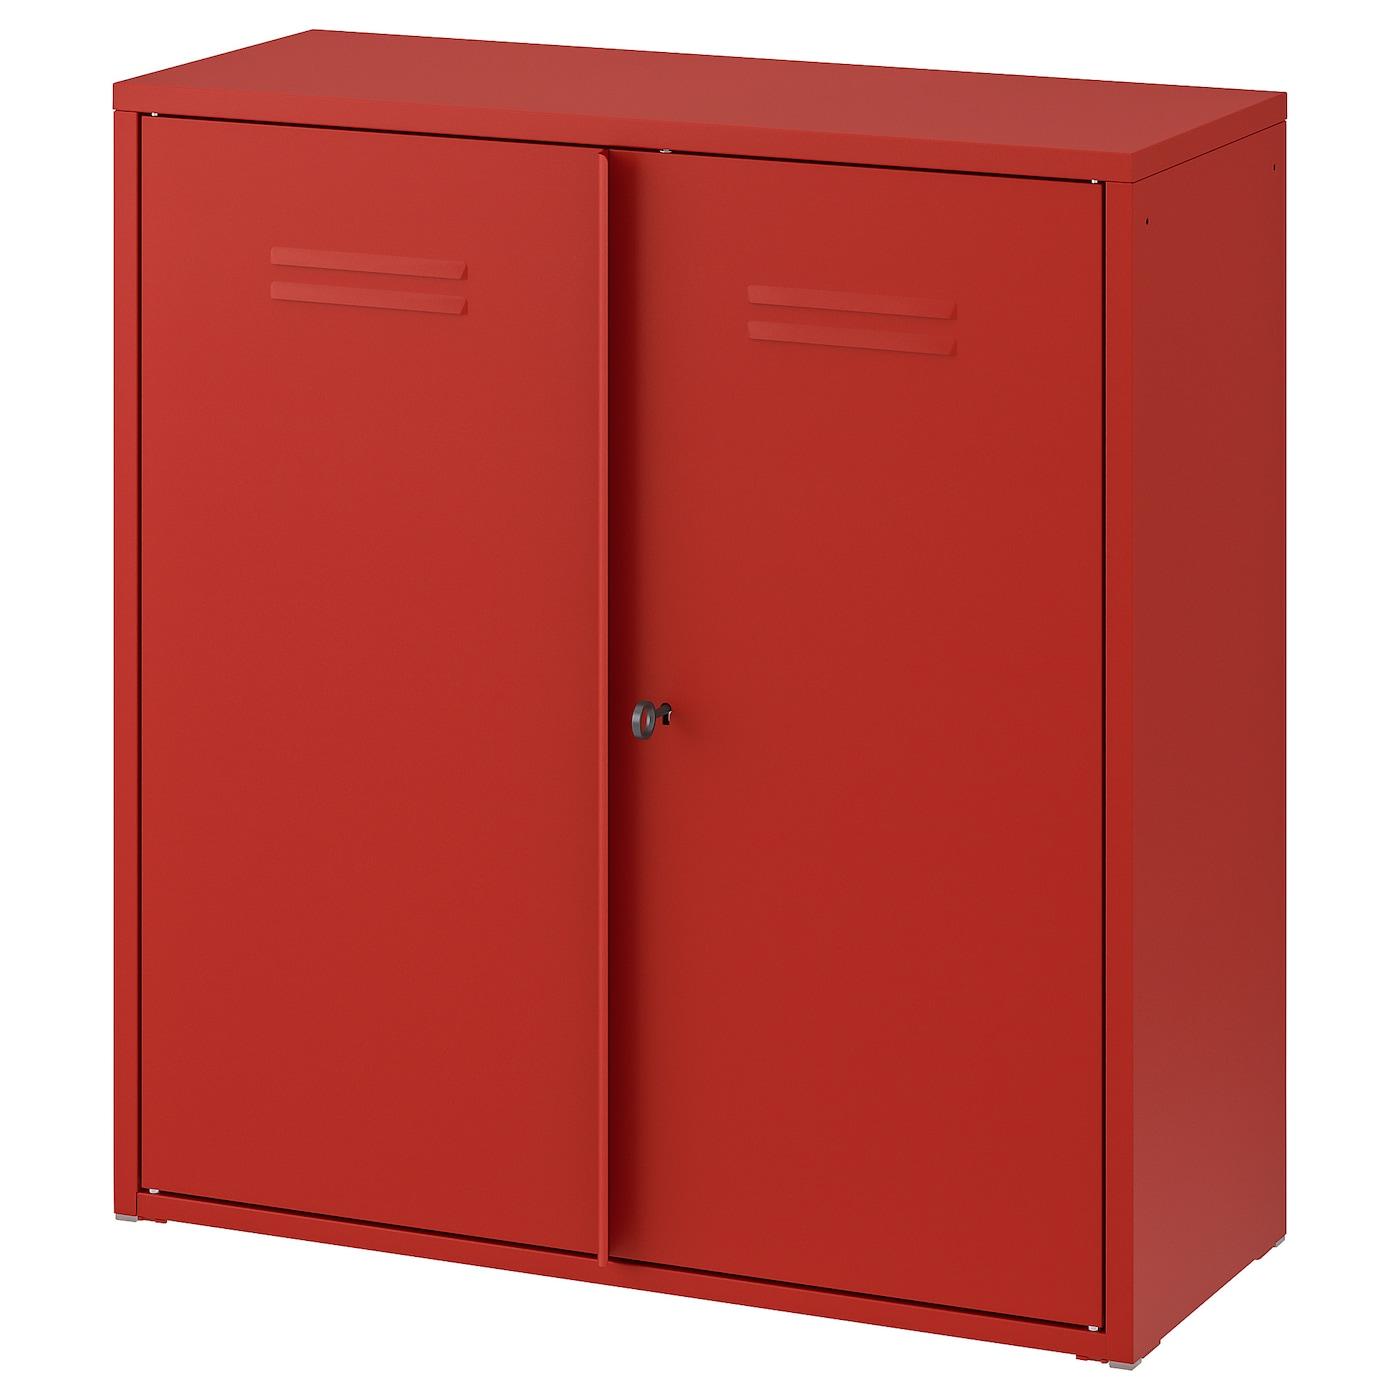 IVAR Schrank mit Türen - rot 80x83 cm